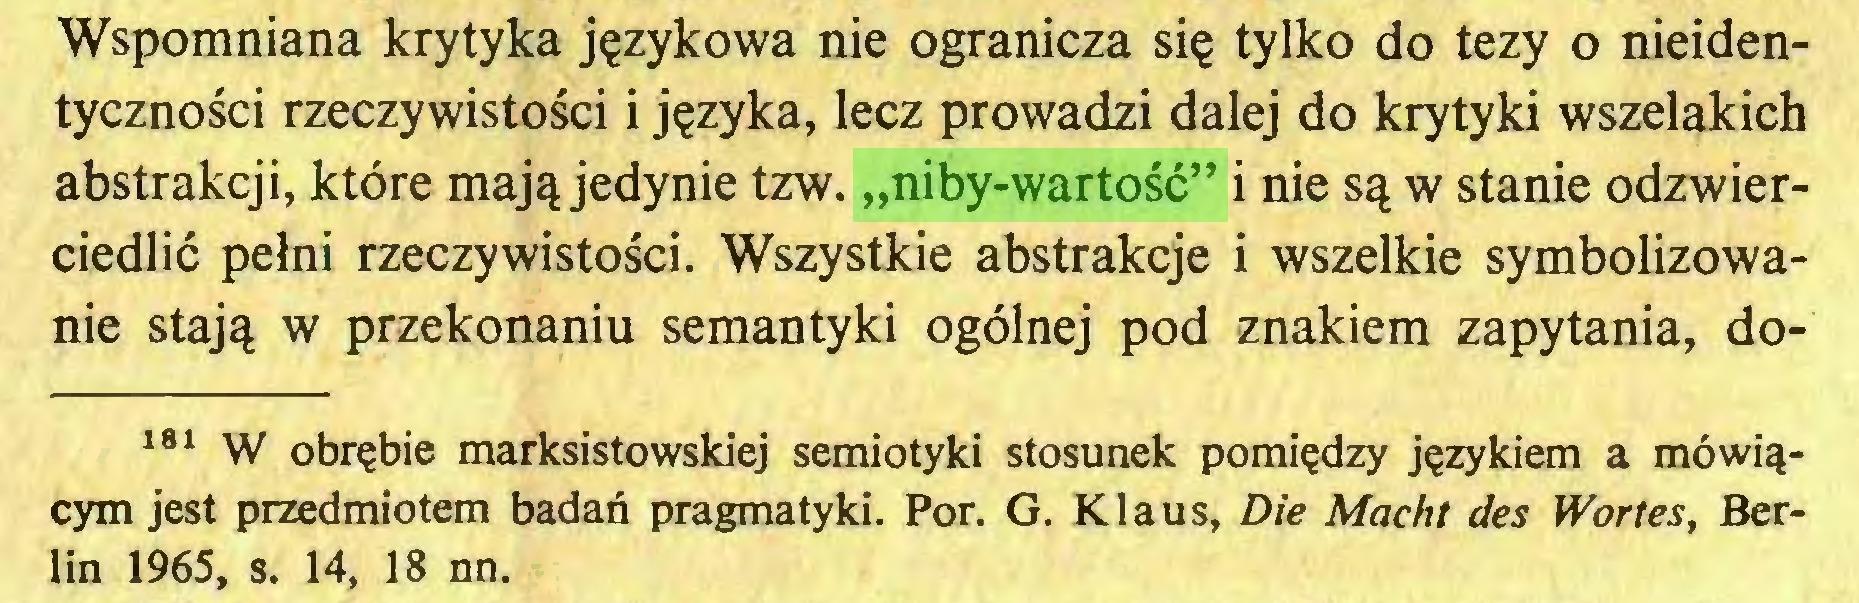 """(...) Wspomniana krytyka językowa nie ogranicza się tylko do tezy o nieidentyczności rzeczywistości i języka, lecz prowadzi dalej do krytyki wszelakich abstrakcji, które mają jedynie tzw. """"niby-wartość"""" i nie są w stanie odzwierciedlić pełni rzeczywistości. Wszystkie abstrakcje i wszelkie symbolizowanie stają w przekonaniu semantyki ogólnej pod znakiem zapytania, do181 W obrębie marksistowskiej semiotyki stosunek pomiędzy językiem a mówiącym jest przedmiotem badań pragmatyki. Por. G. Klaus, Die Macht des Wortes, Berlin 1965, s. 14, 18 nn..."""